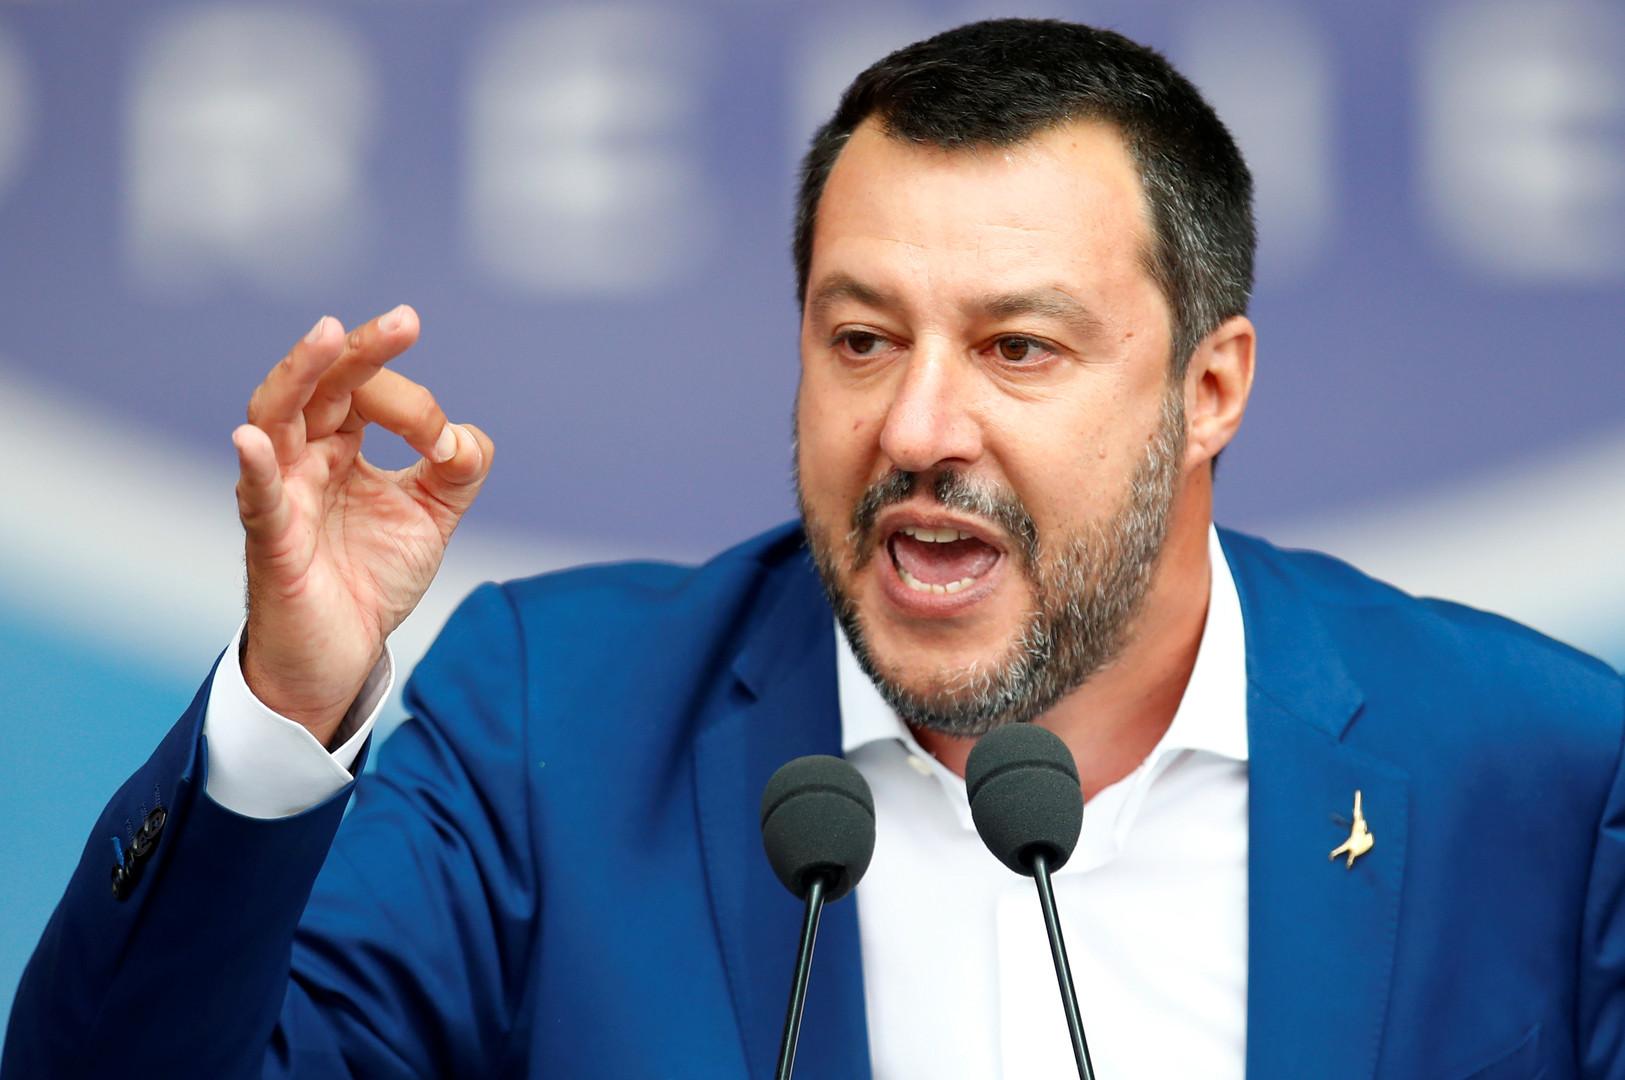 وزير الداخلية الإيطالي يحتفي بفوزه ويعد بإنقاذ الاتحاد الأوروبي وتغييره